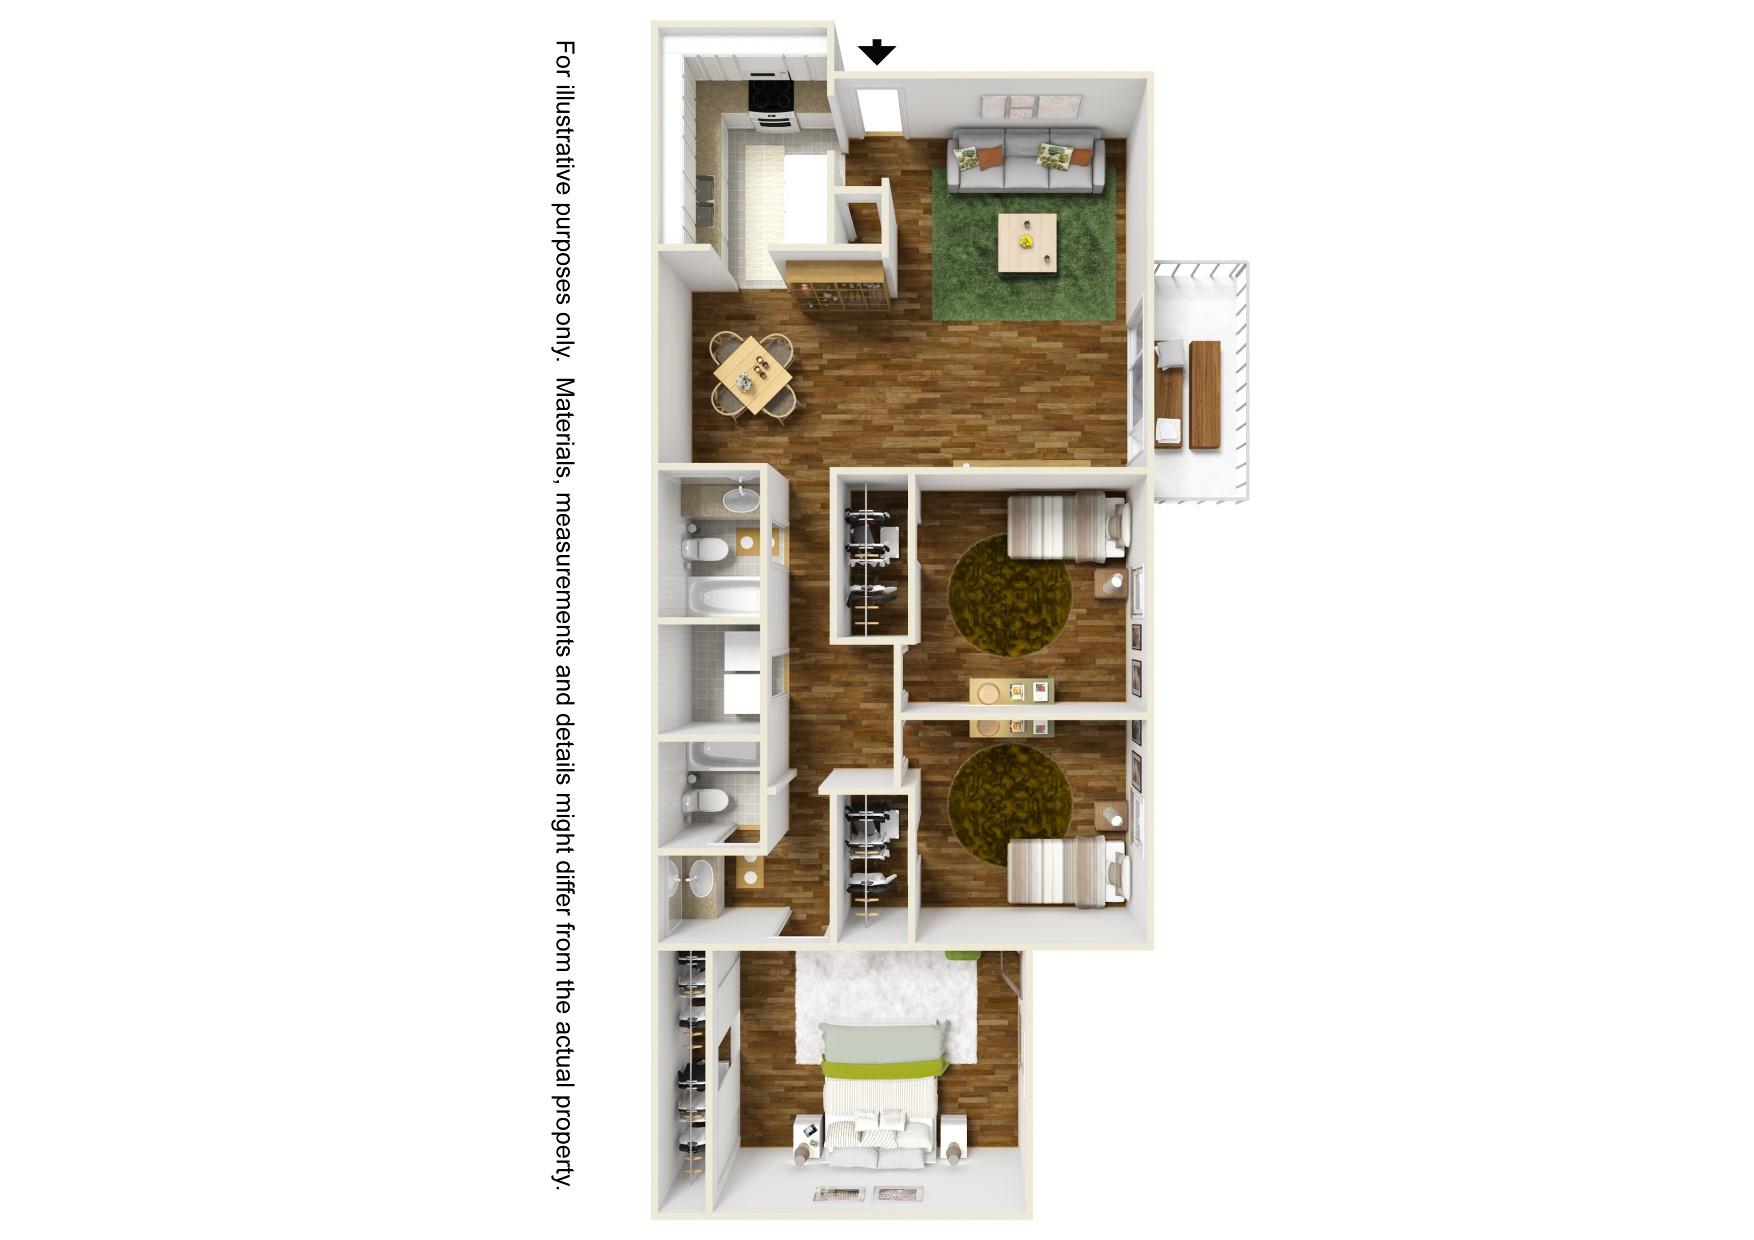 3 bedroom x 2 bathroom